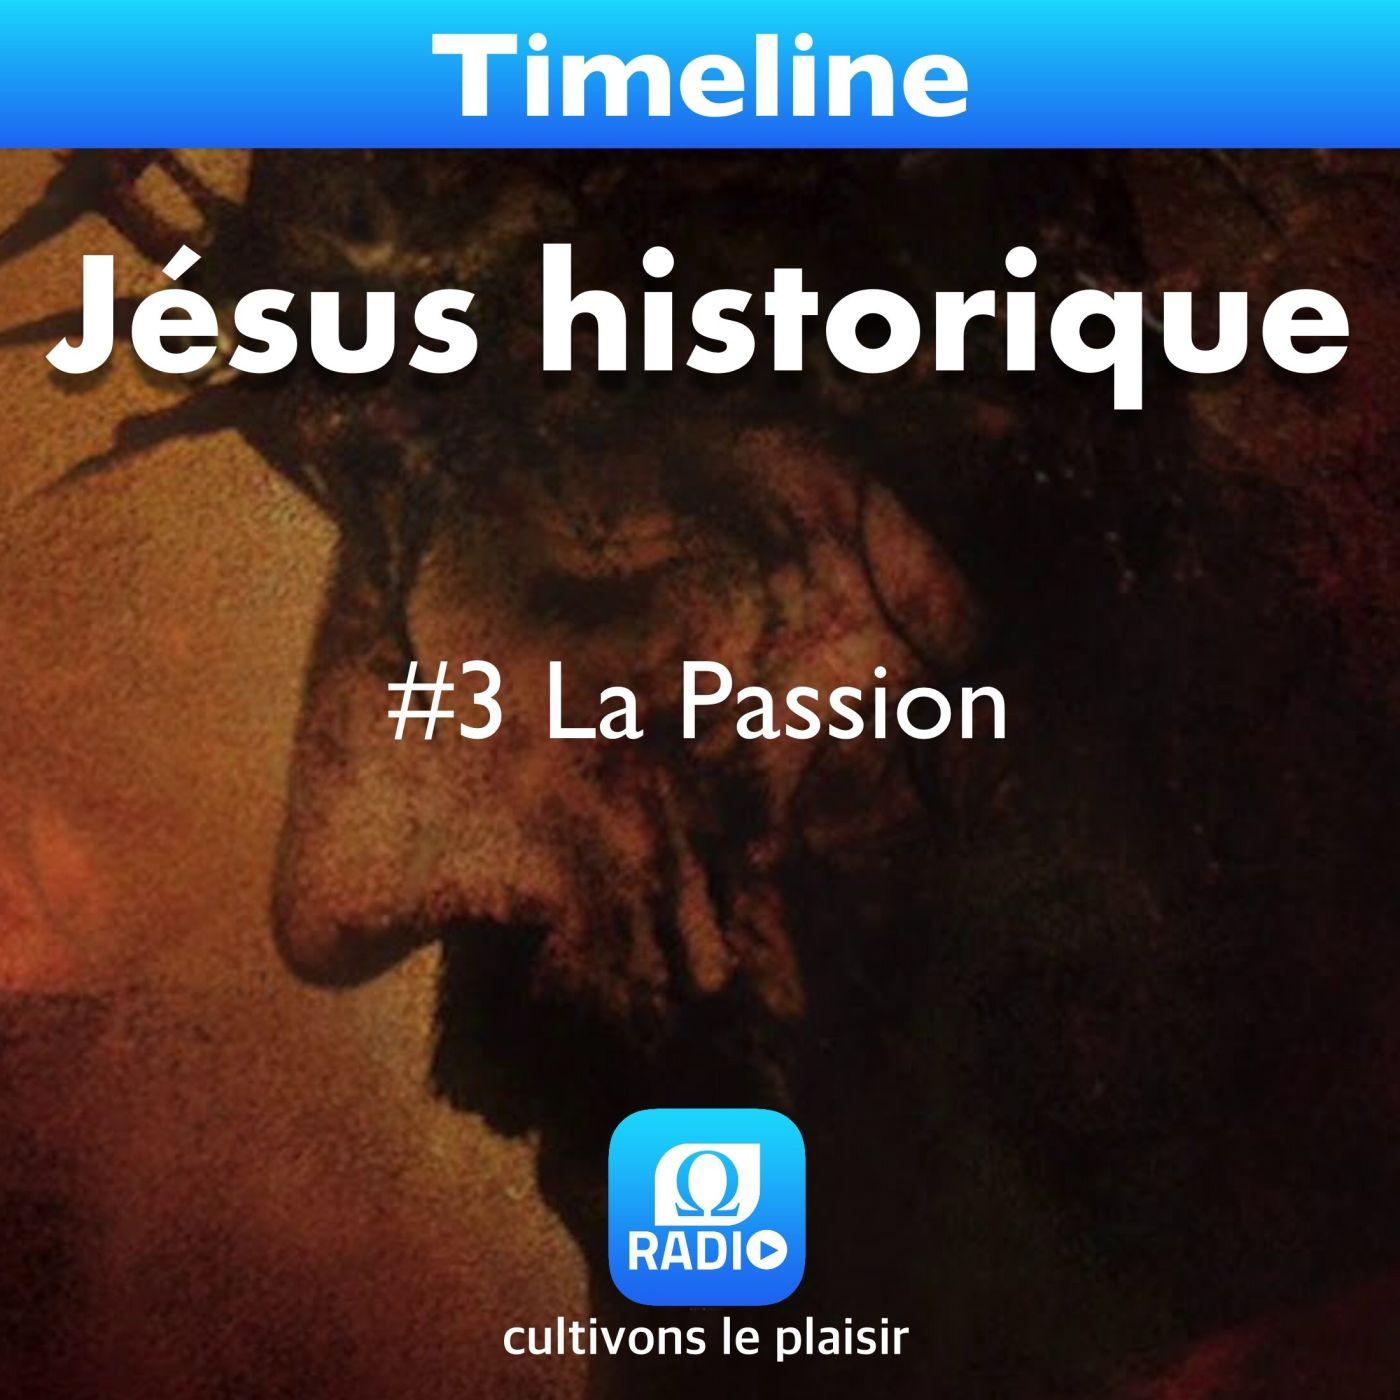 Jésus historique #3 La Passion